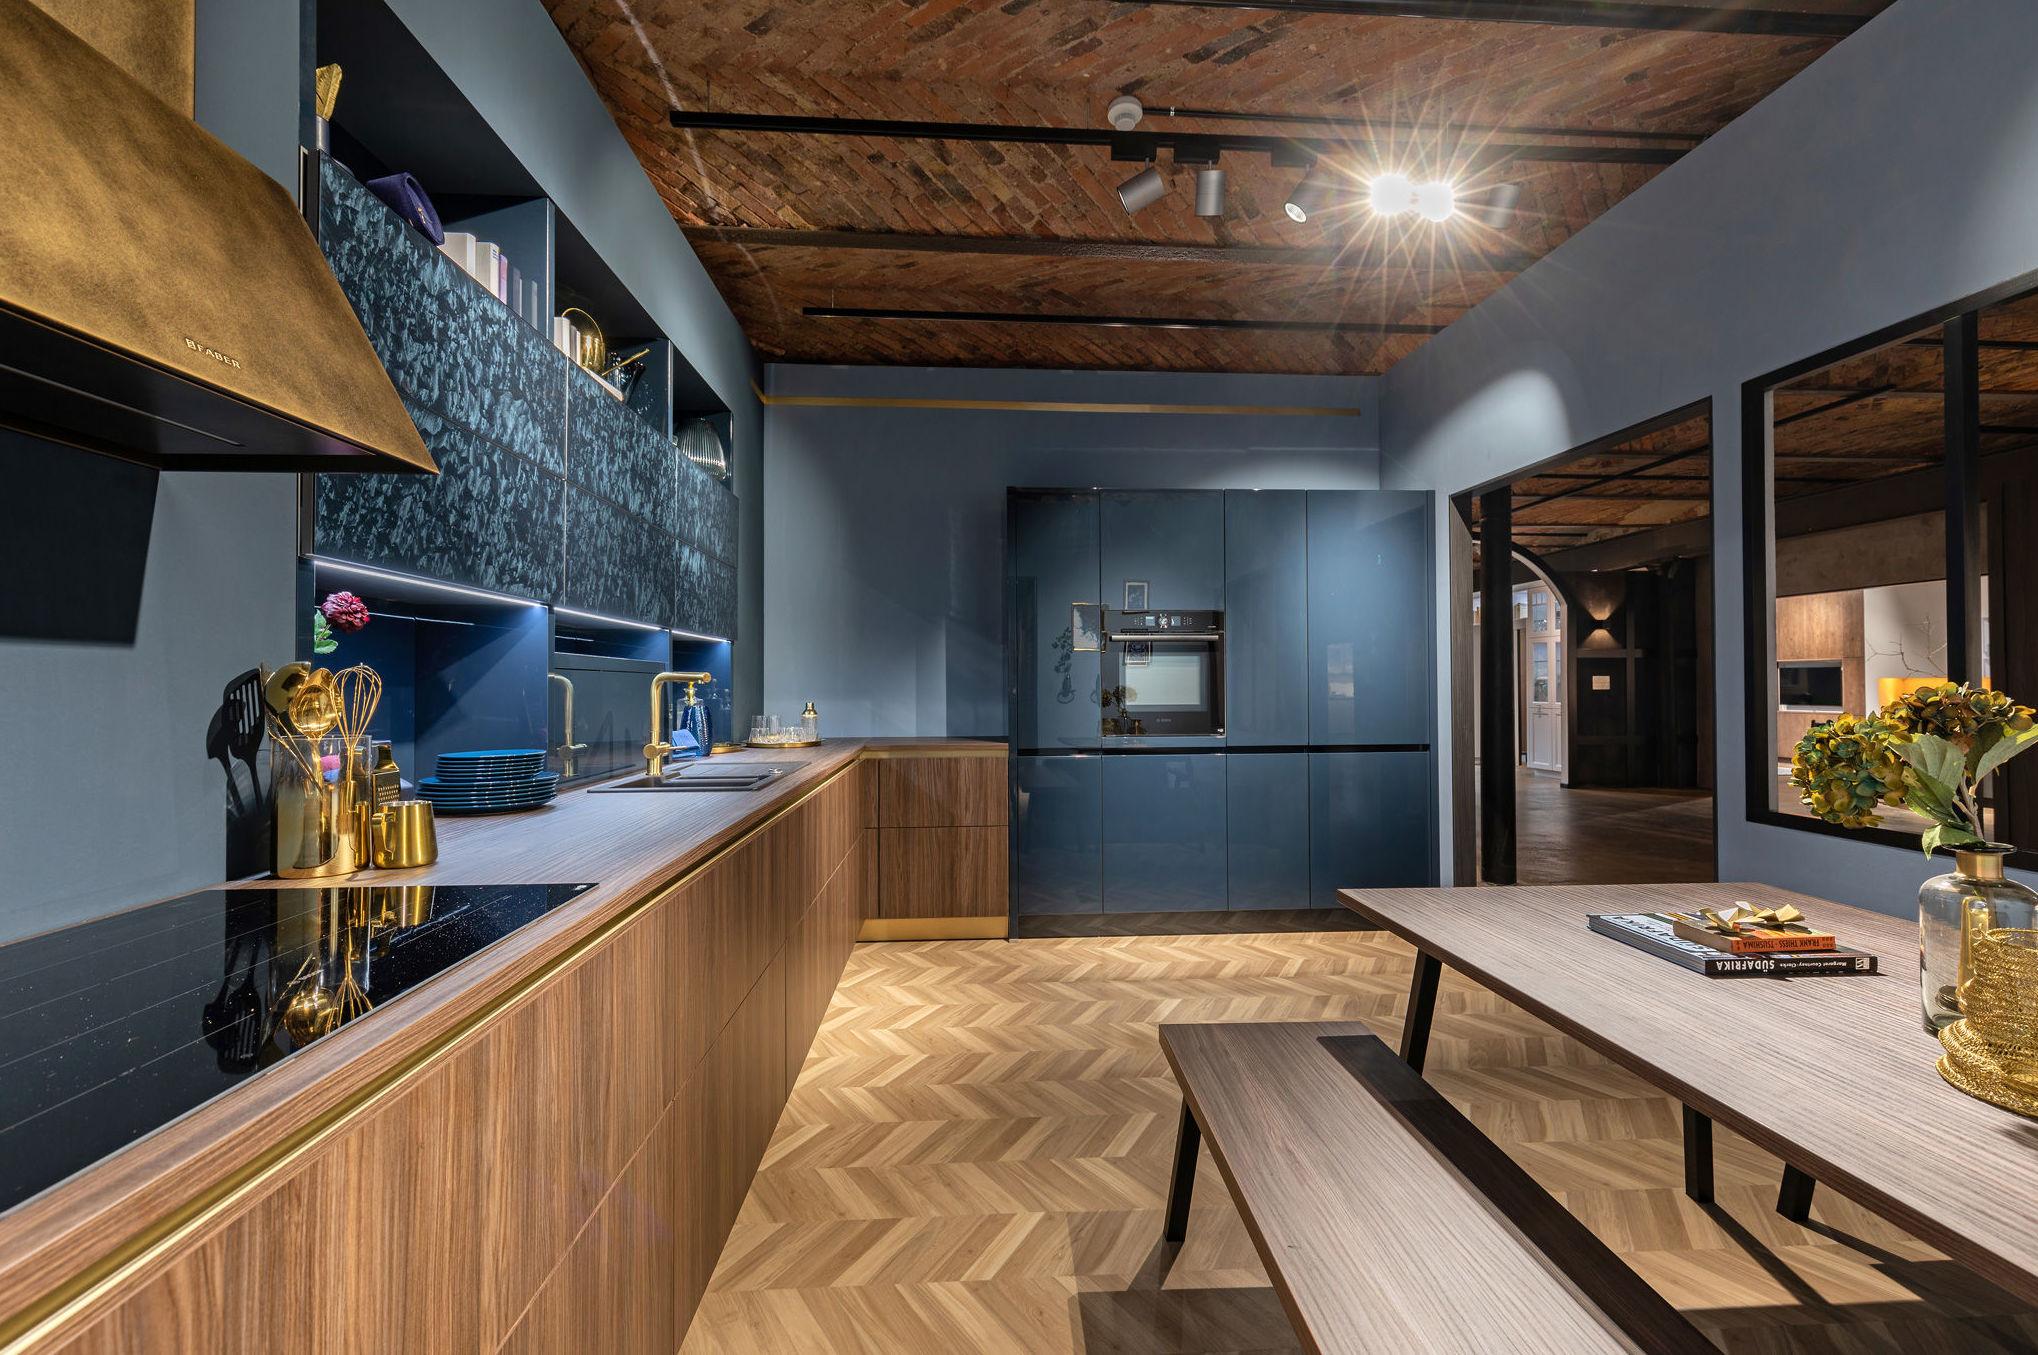 Foto 4 de Muebles de baño y cocina en Sevilla | Premier Estudio de Cocinas